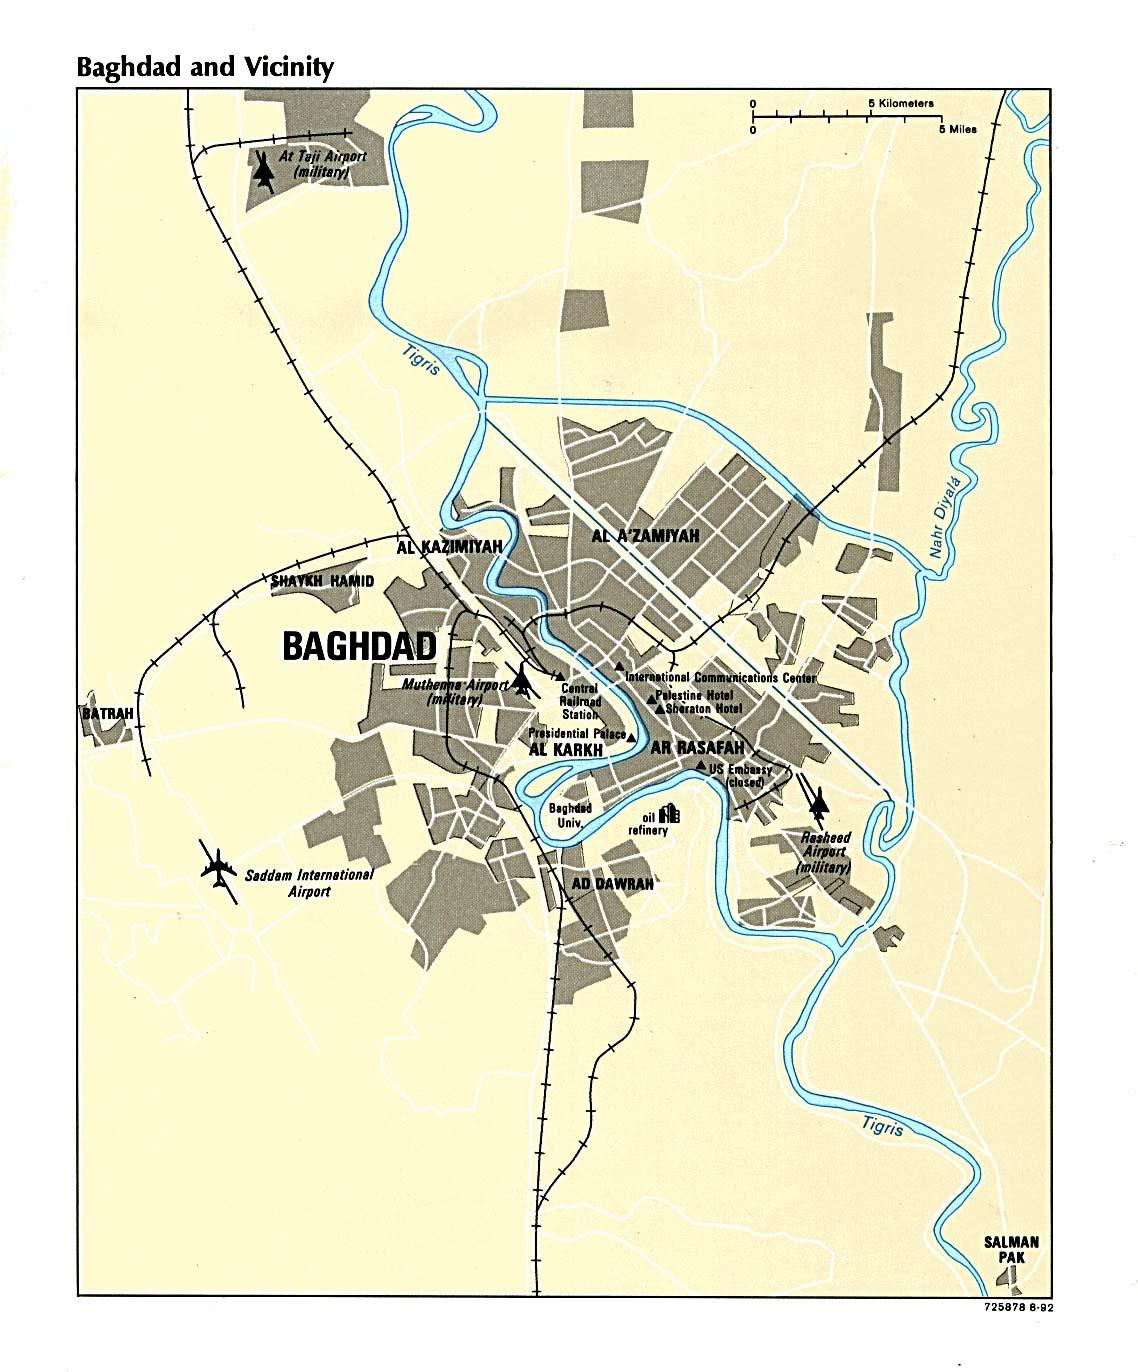 Mapa de Bagdad 1992